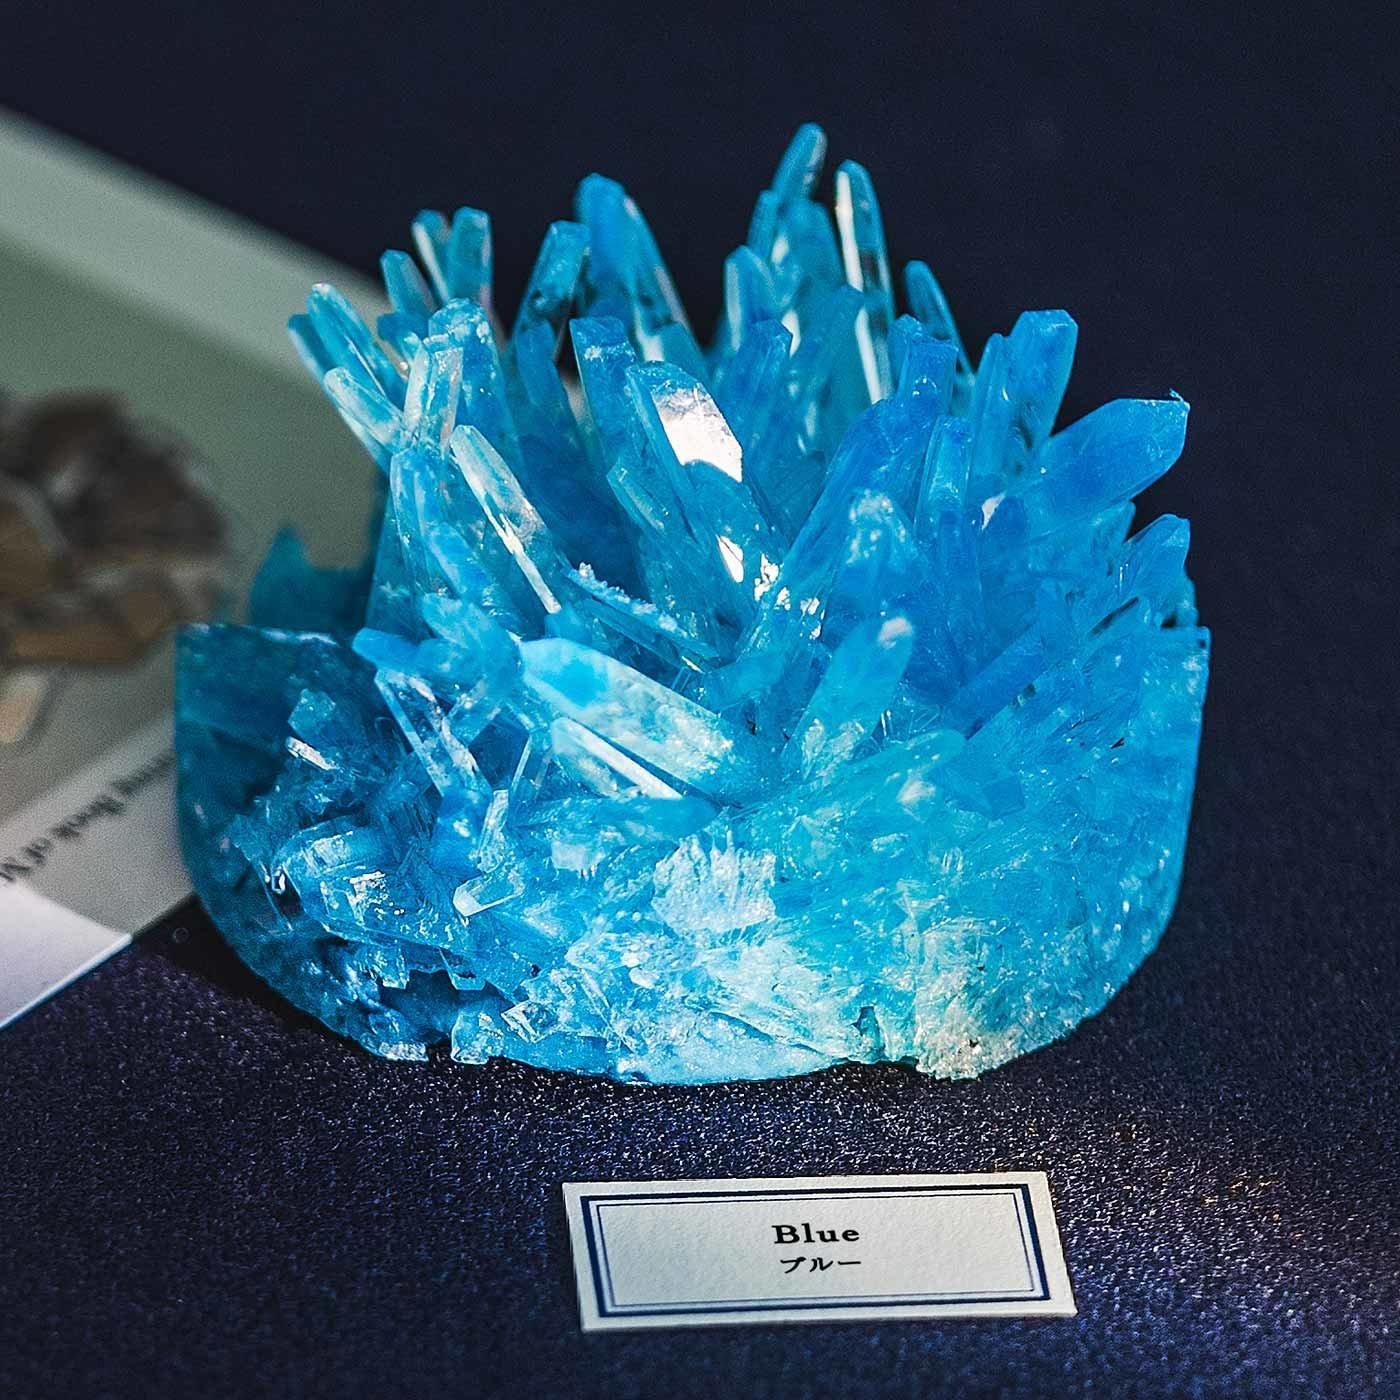 自分だけの結晶を育てよう 結晶育成キット〈ブルー〉